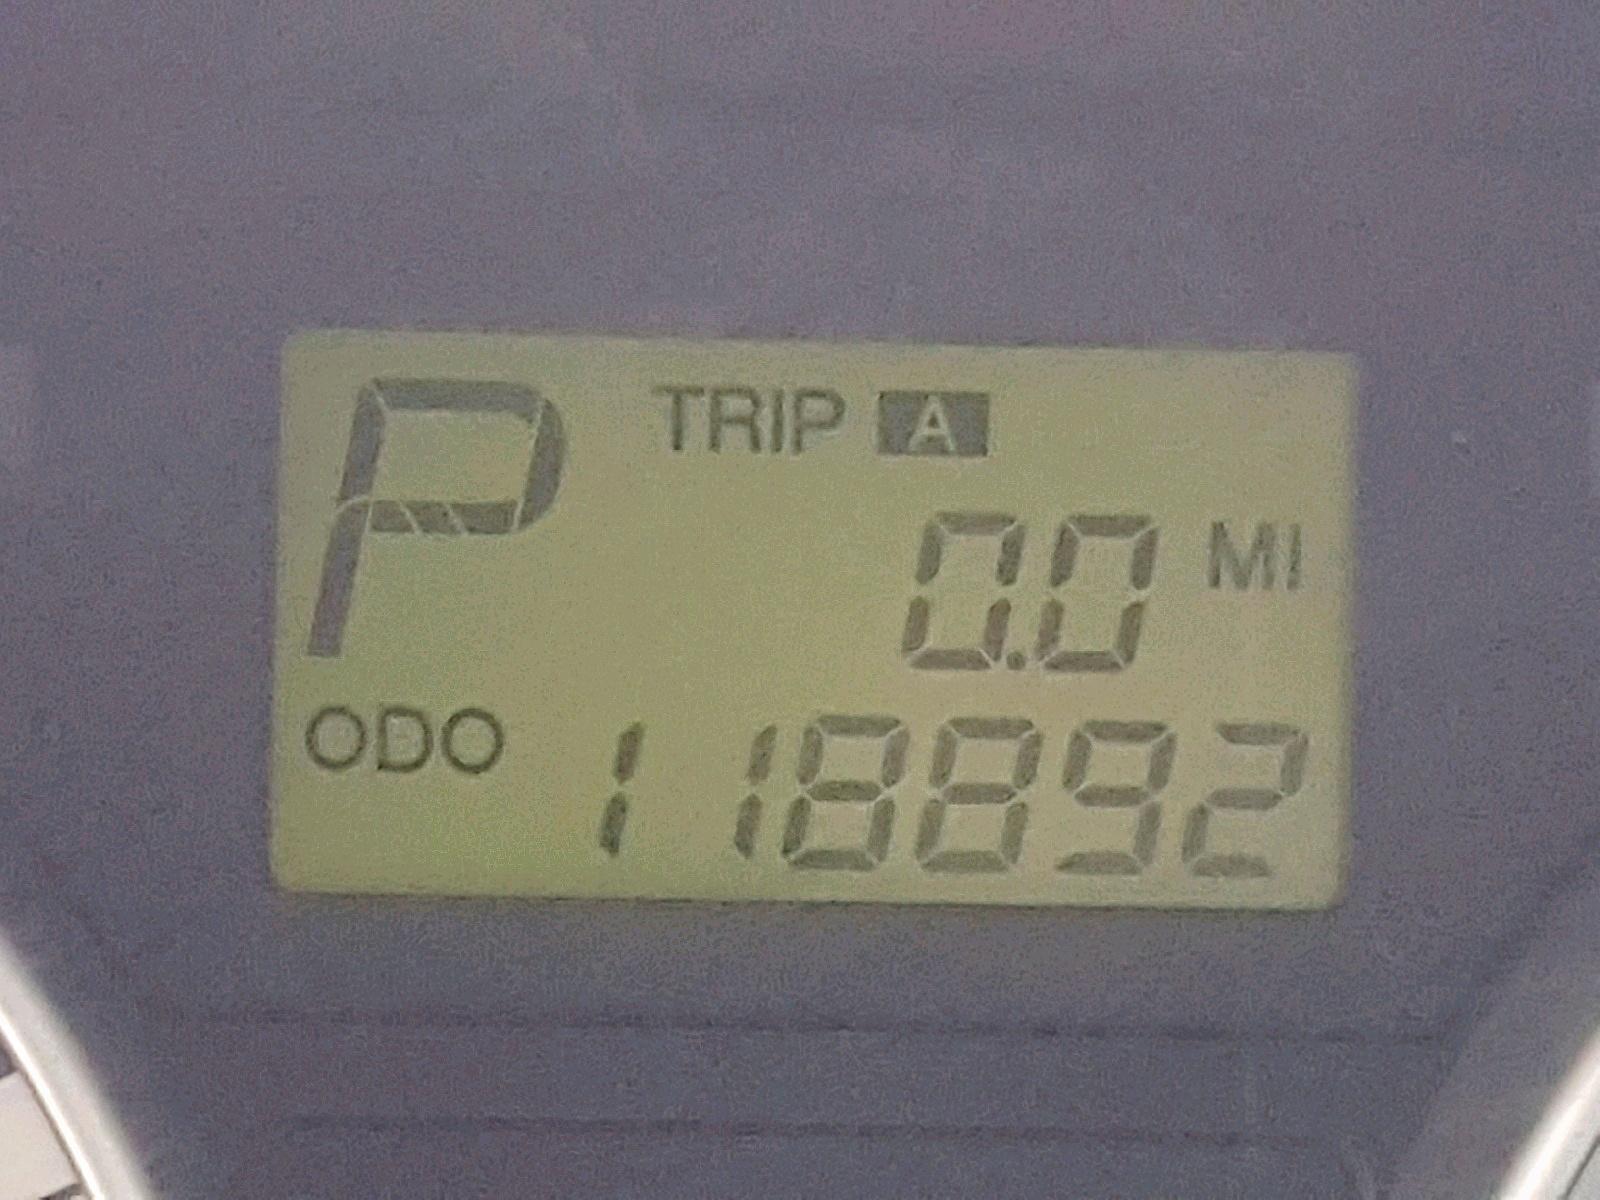 KMHCN46C79U316441 - 2009 Hyundai Accent Gls 1.6L front view